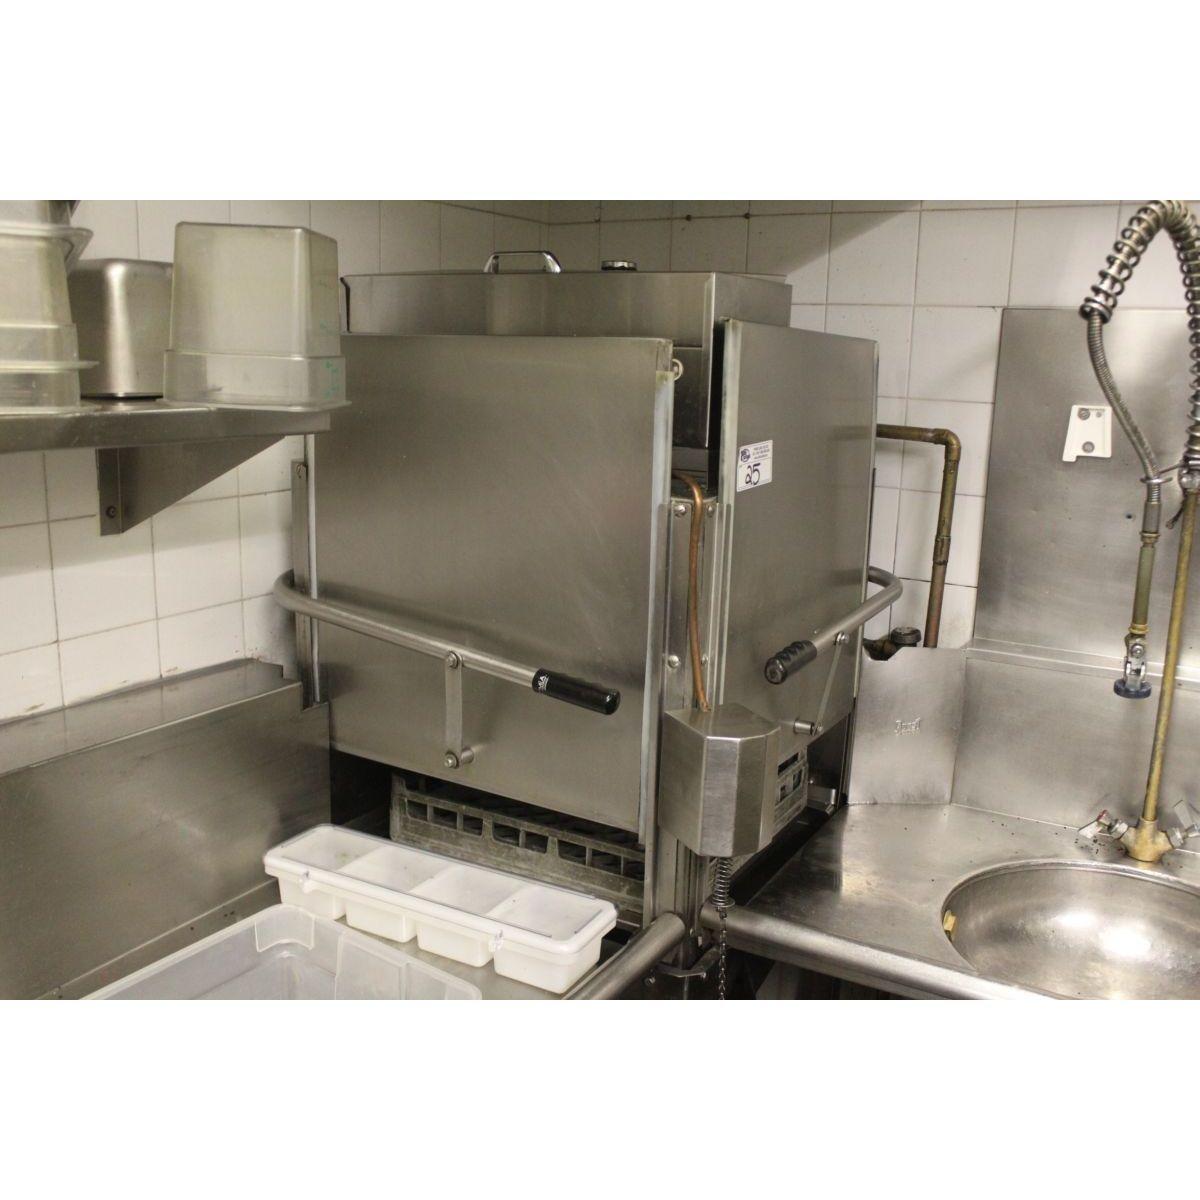 Commercial Corner Pass Through Dishwasher Commercial Kitchen Design Commercial Kitchen Restaurant Kitchen